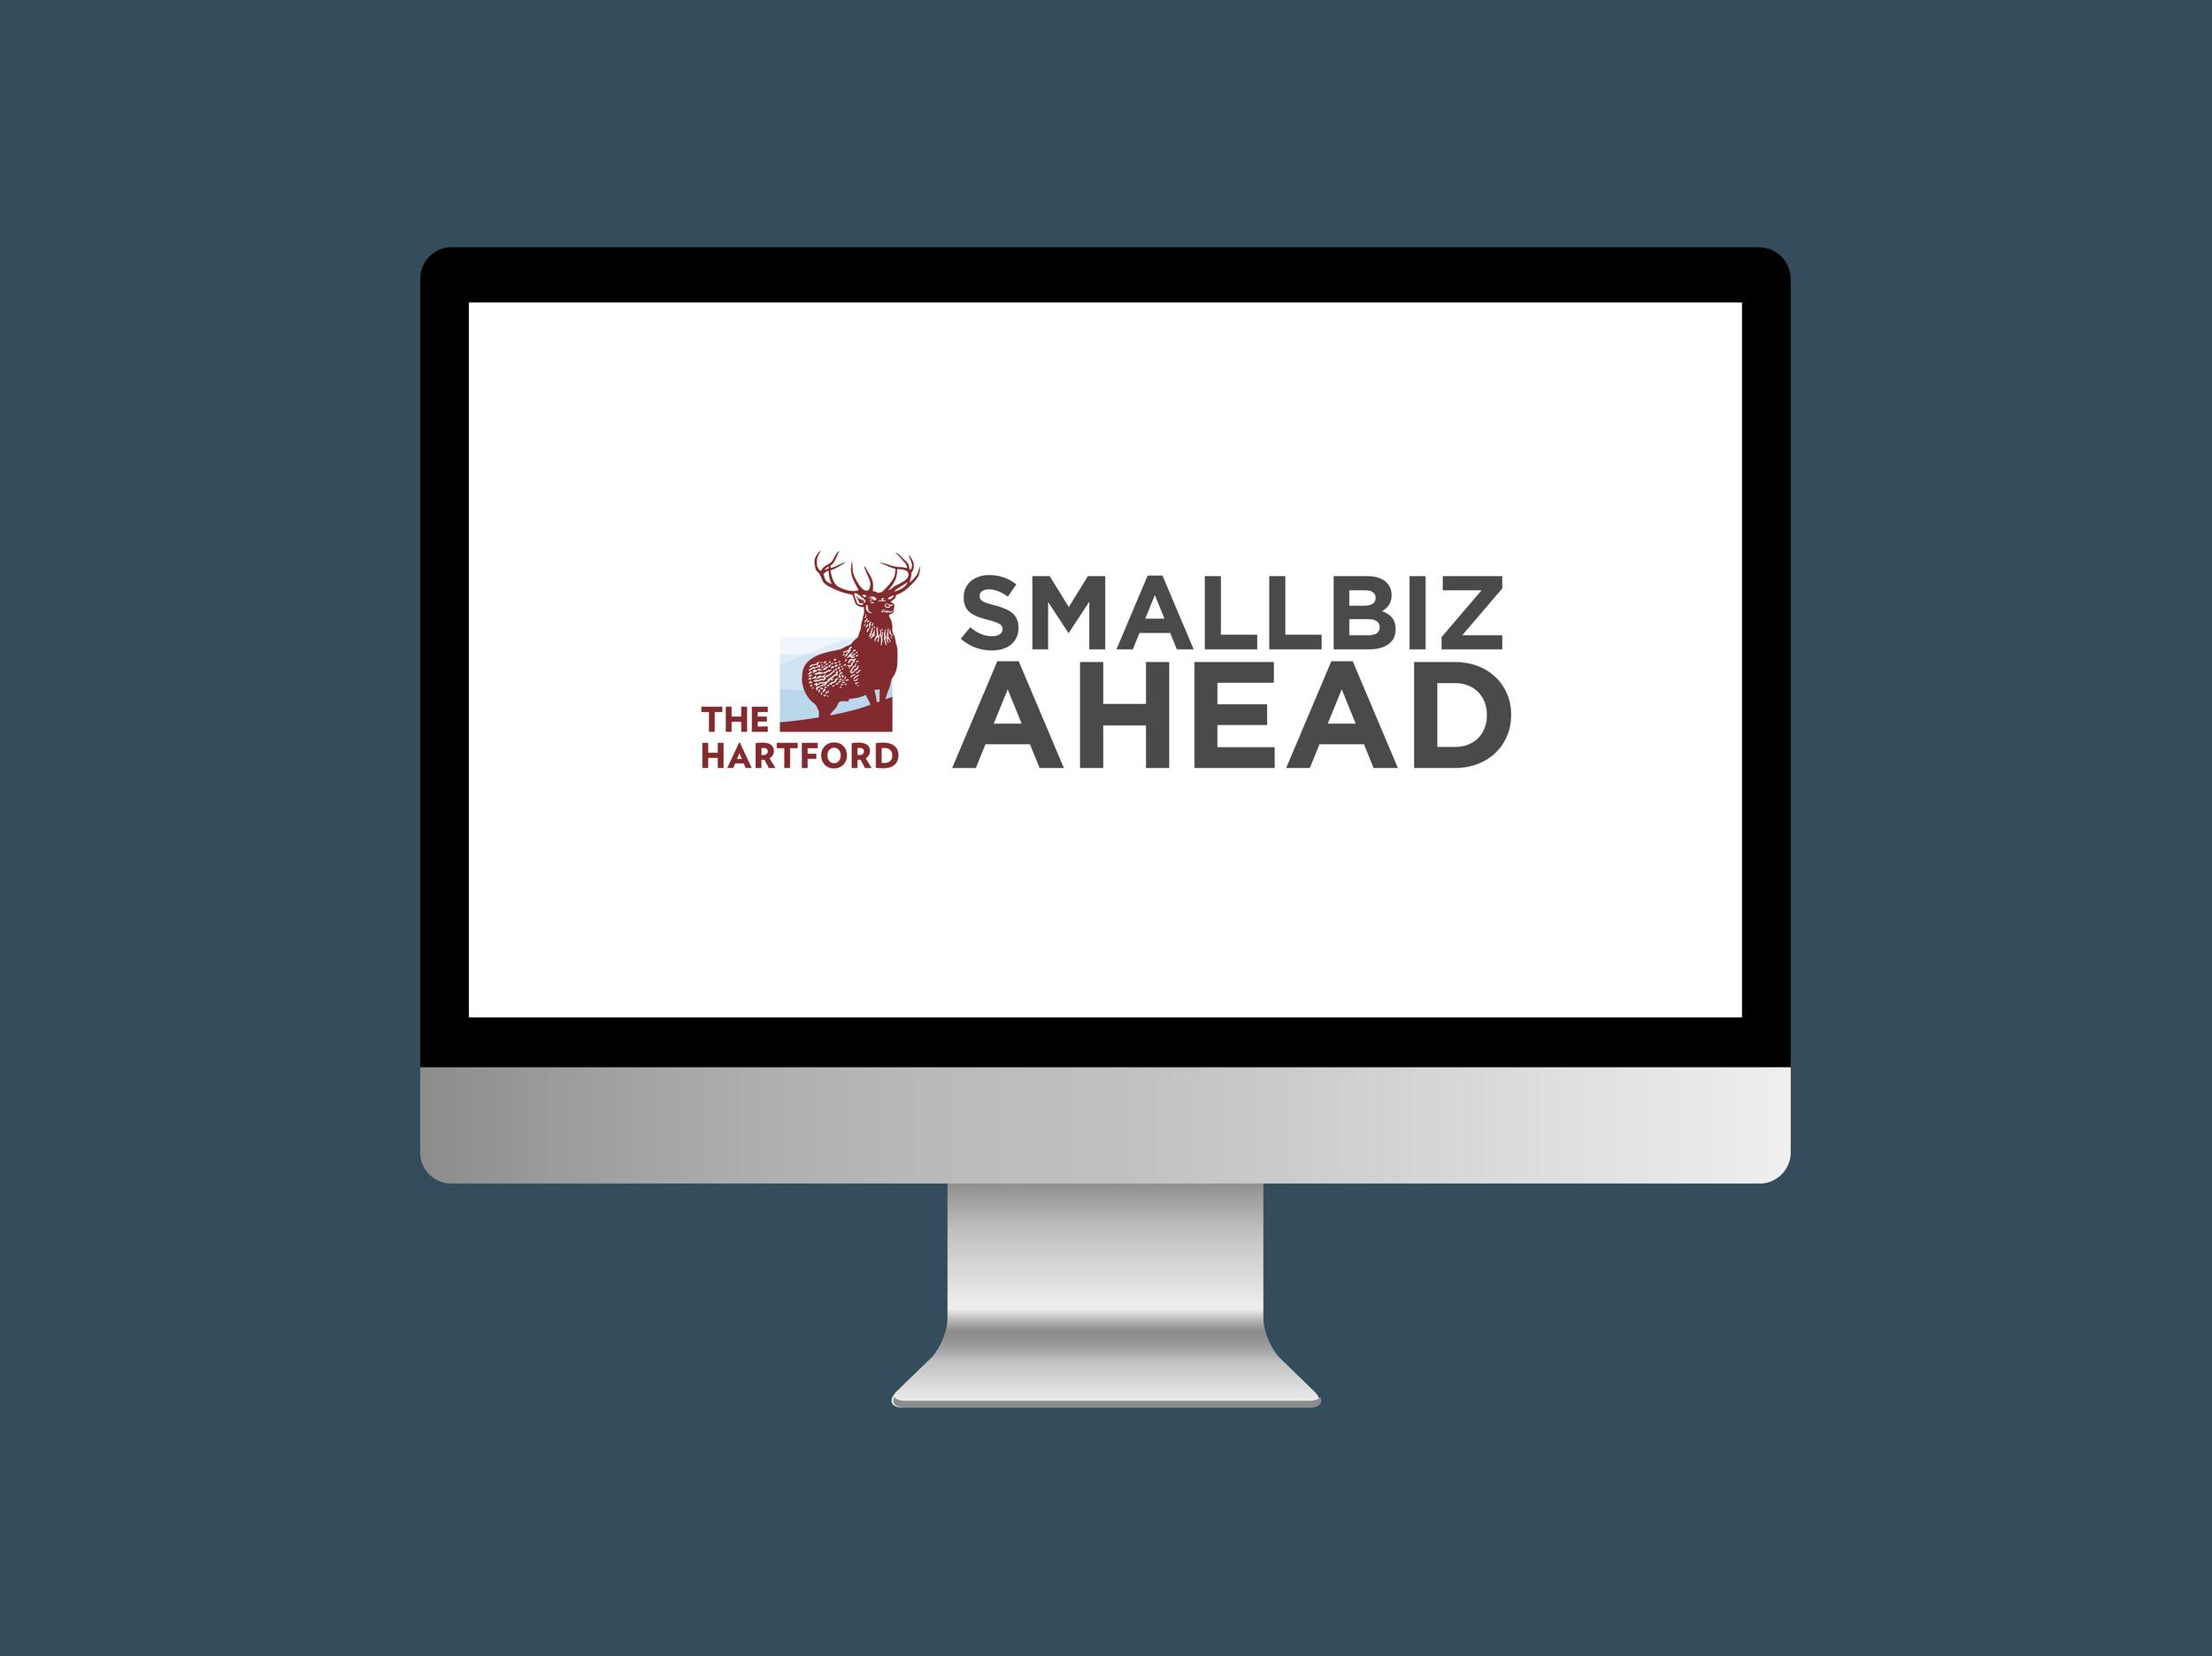 Small Biz Ahead Visual Language.png